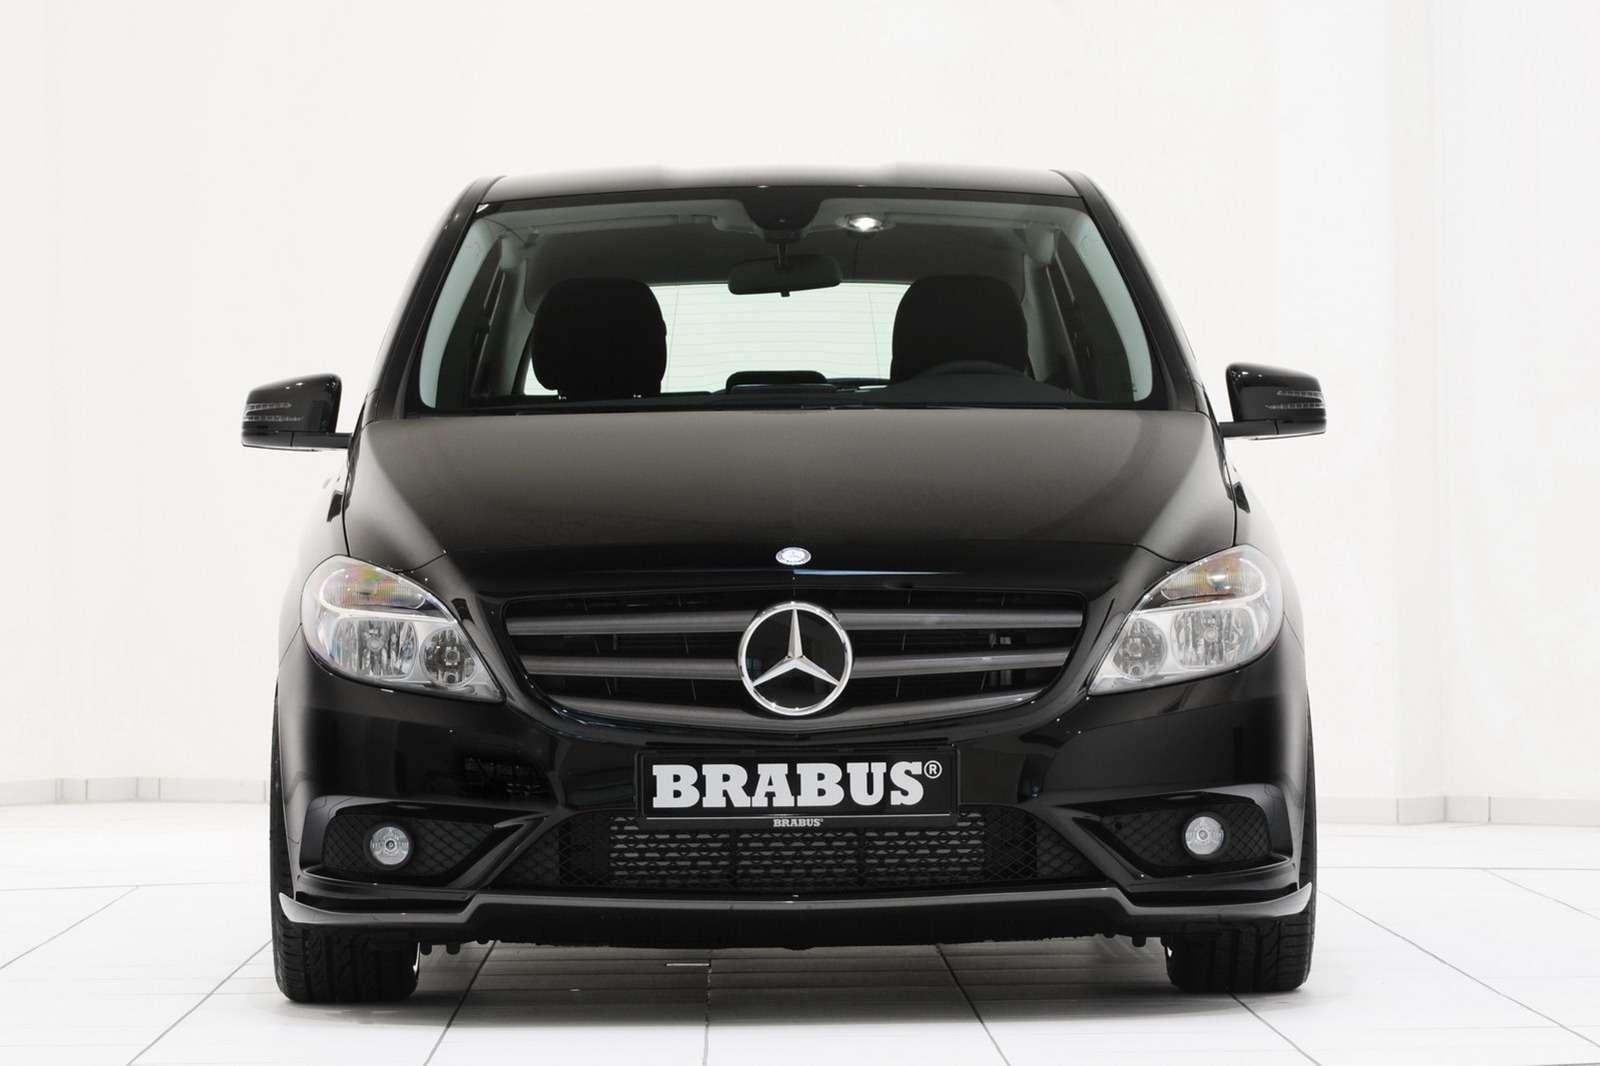 Mercedes klasy b pakiet brabus fot luty 2012